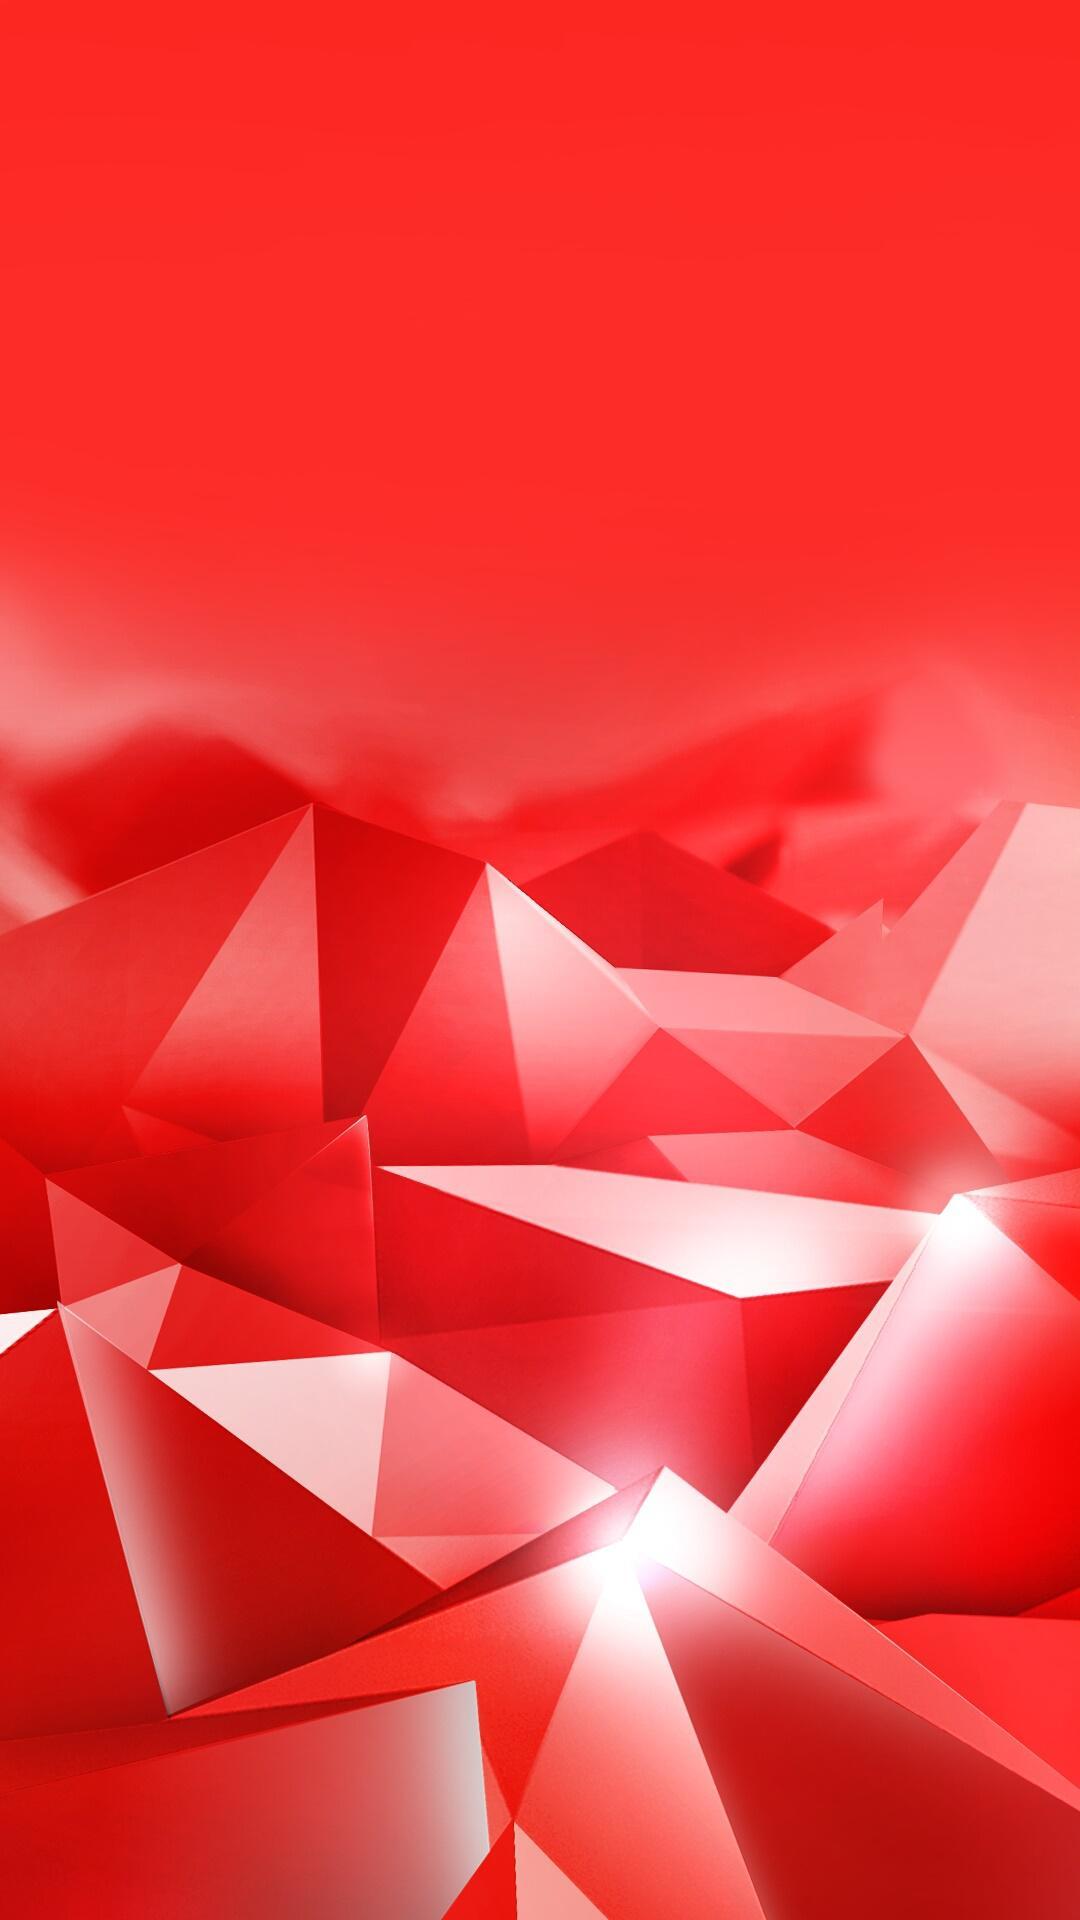 Download Asus Zenfone 2 Deluxe Stock Wallpapers